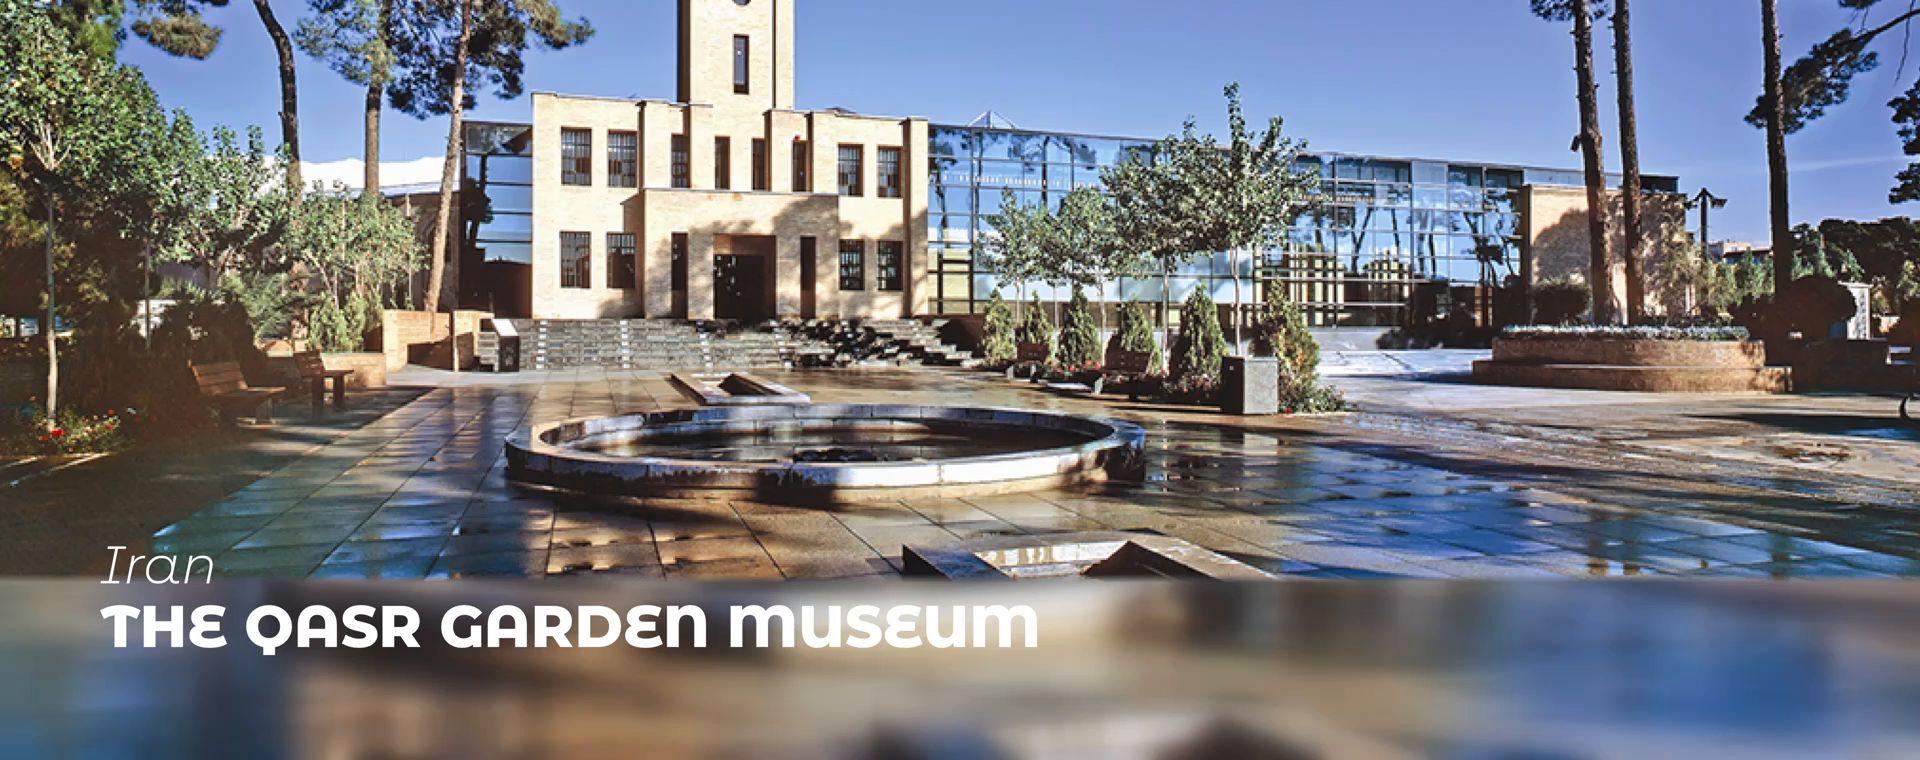 THE QASR GARDEN MUSEUM